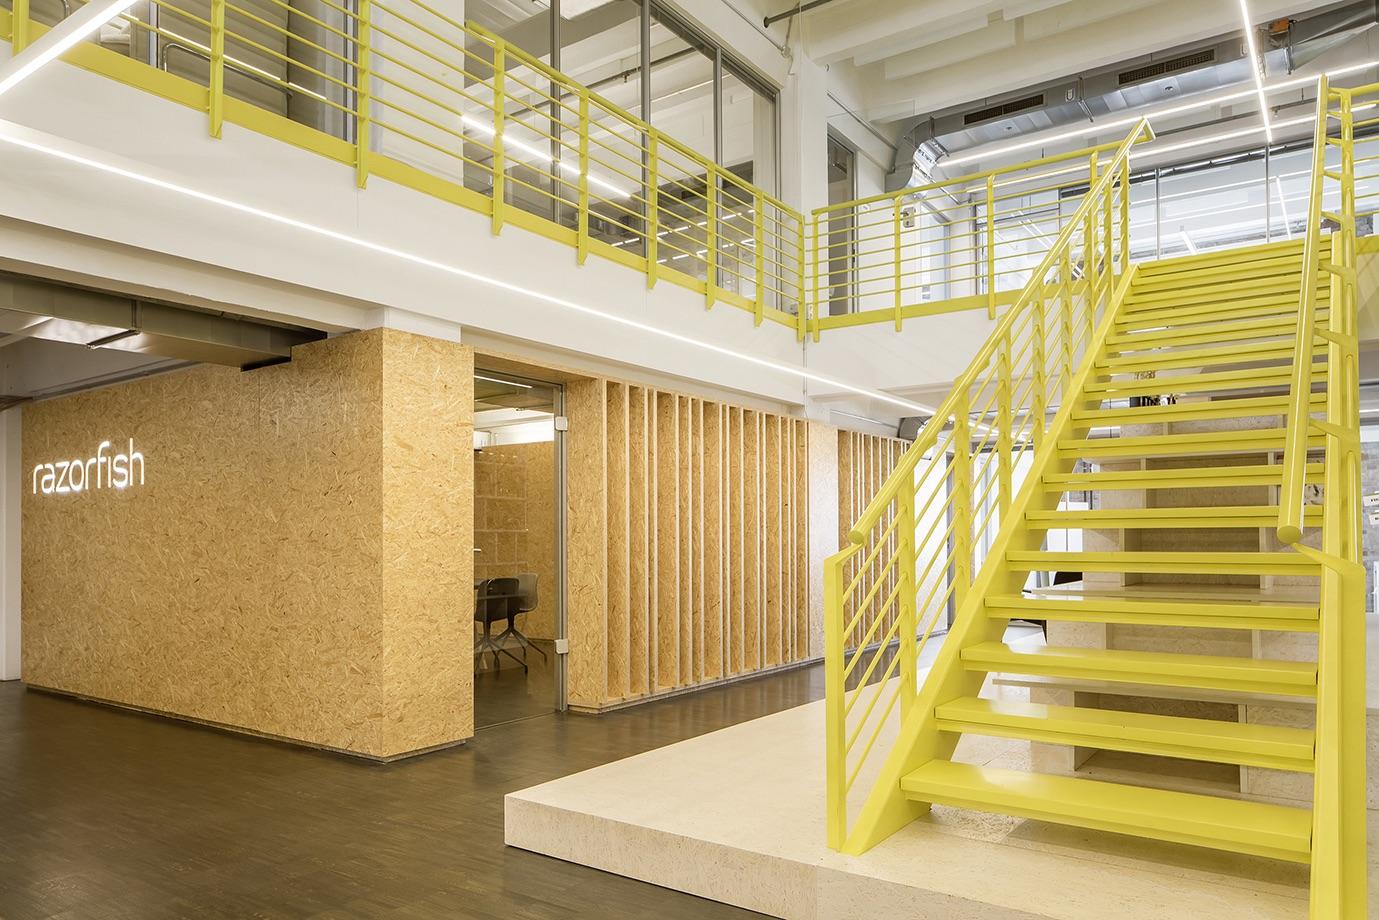 razorfish-berlin-office-9